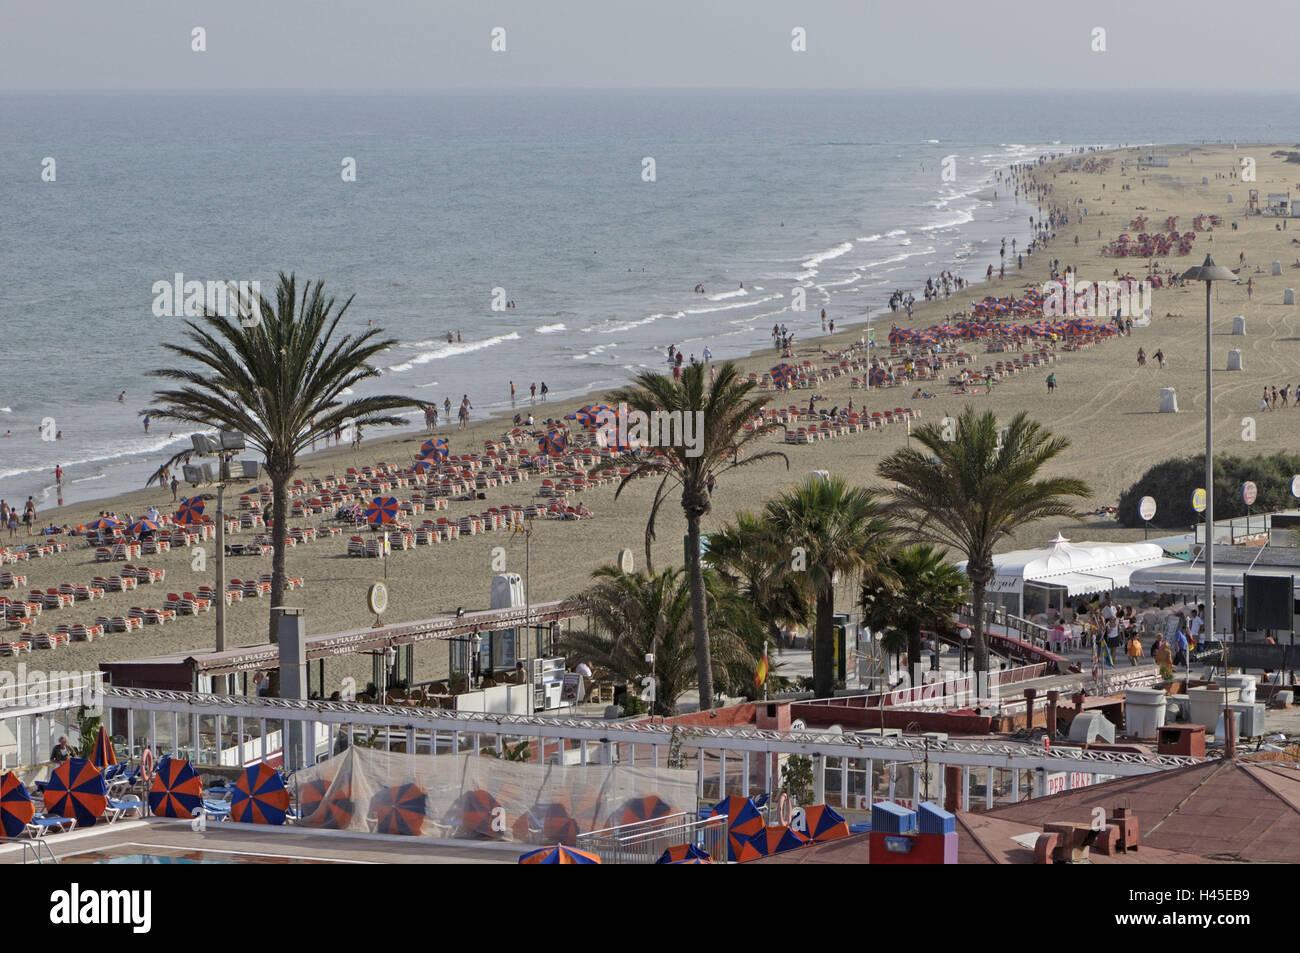 Dating Playa del Ingles im 23 dating en 40 år gammal